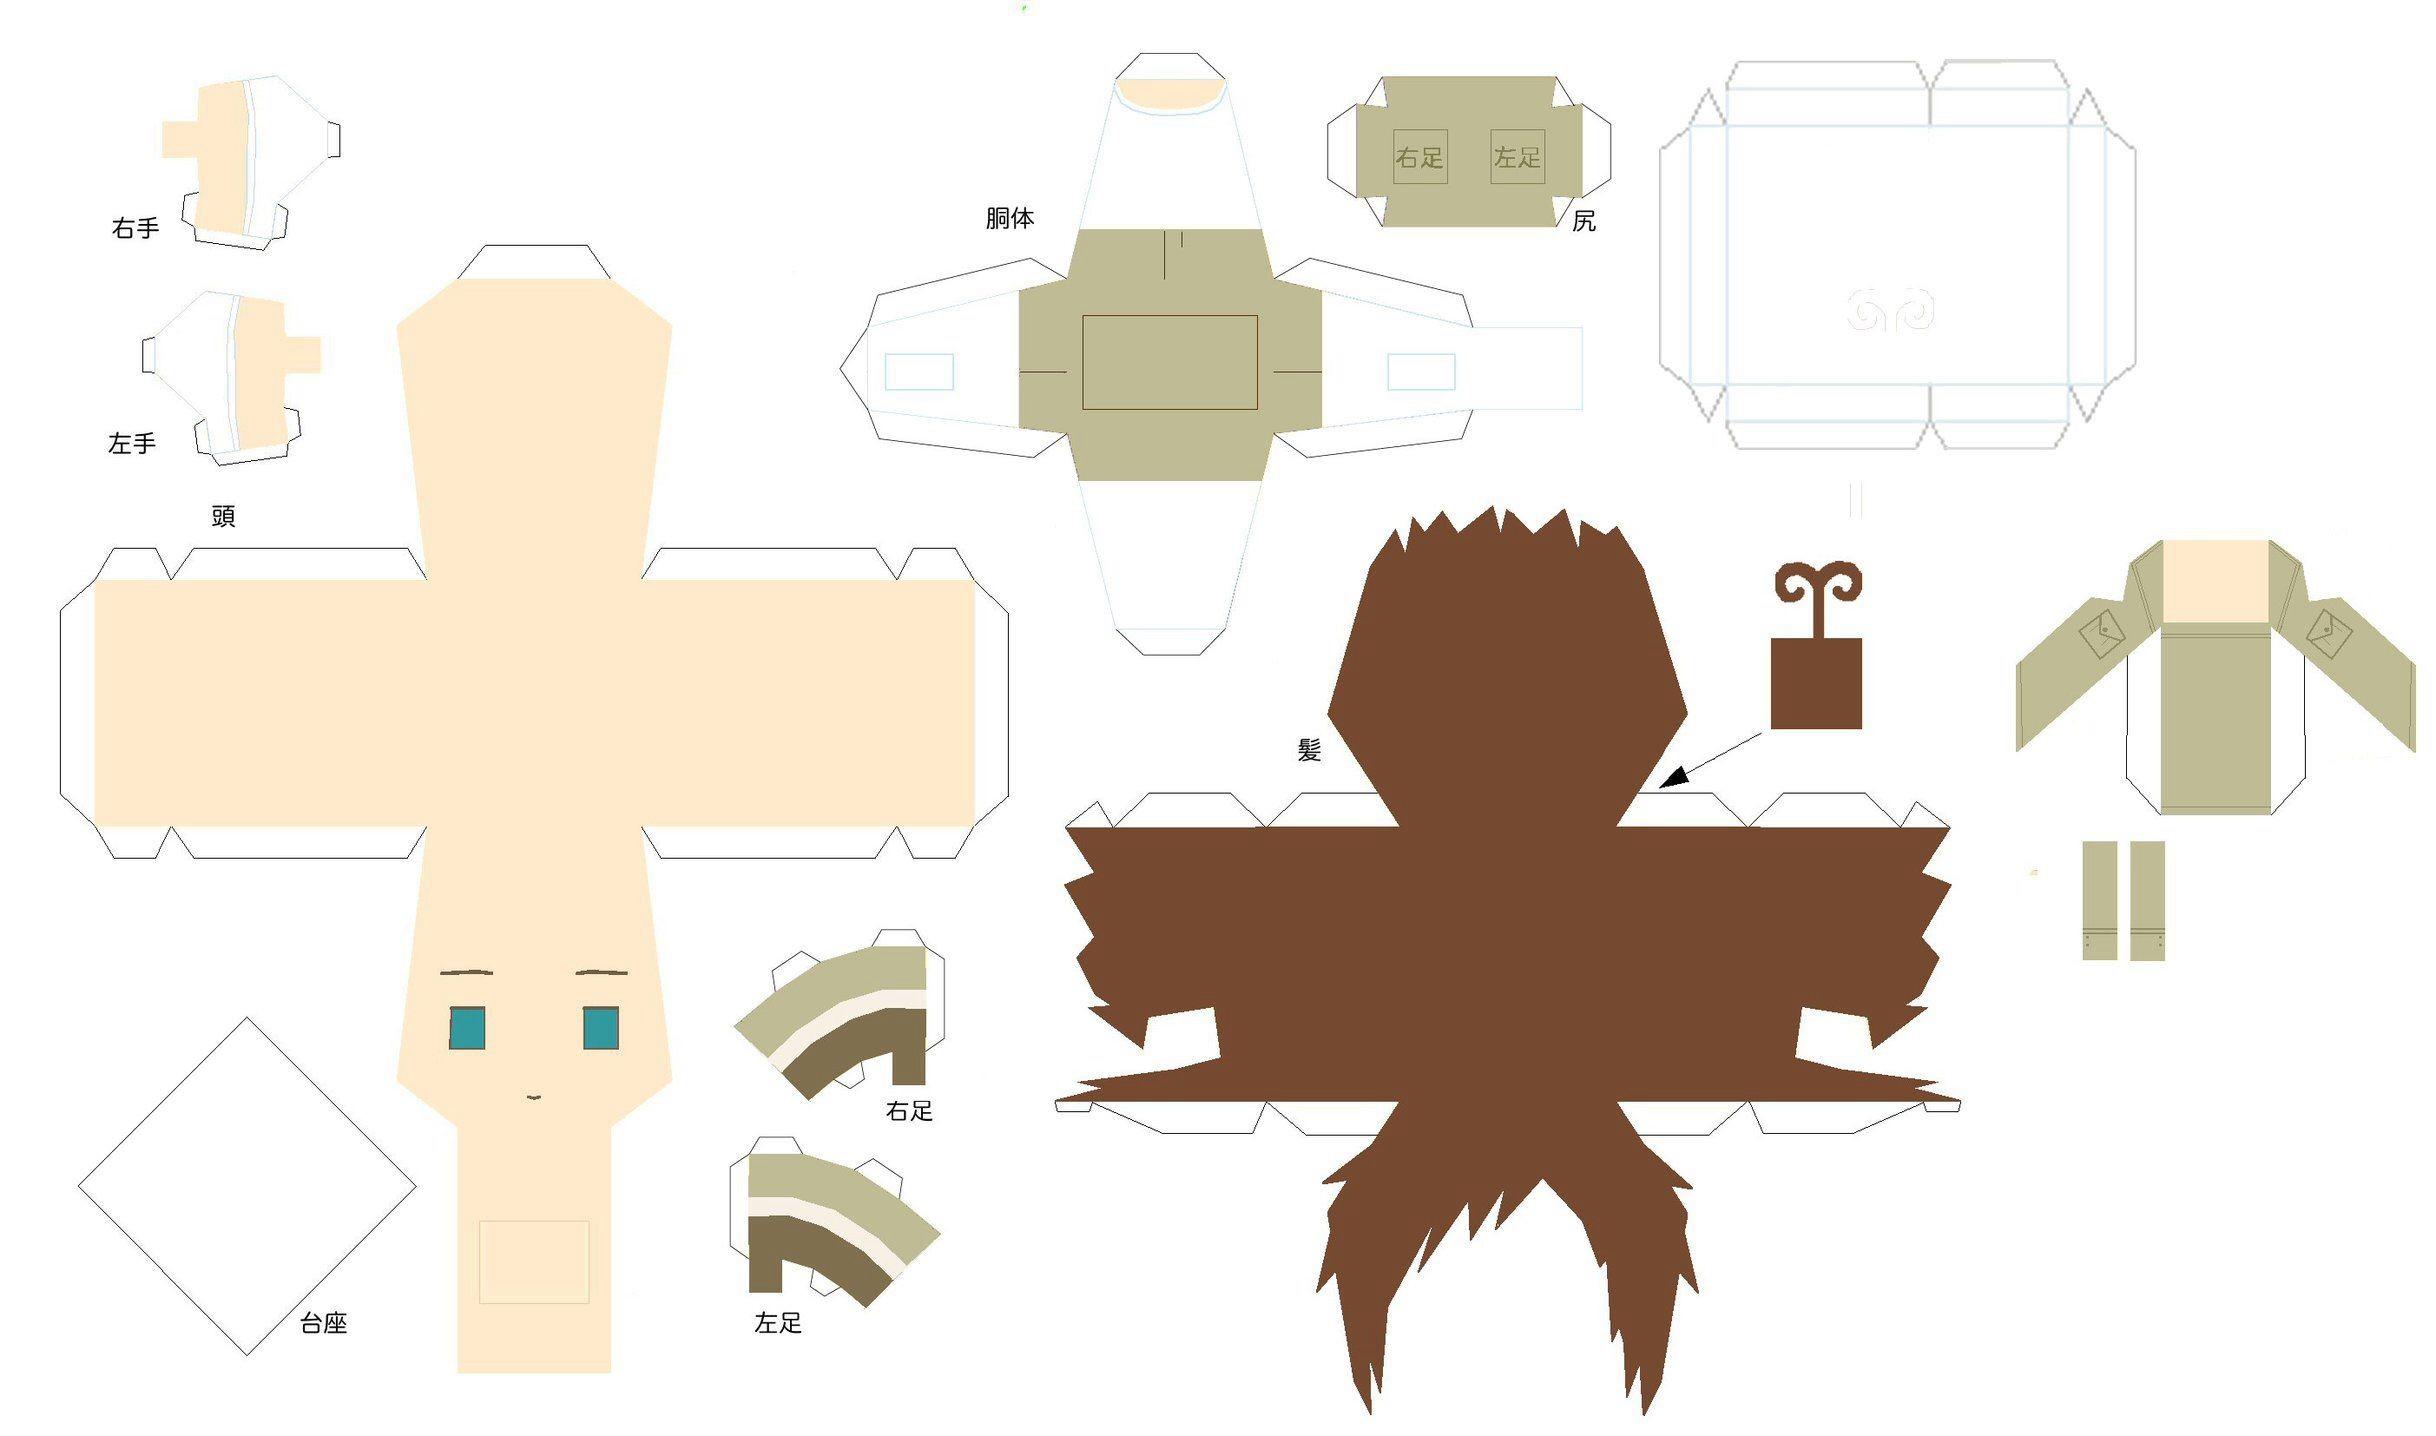 Vocaloid Papercraft 圖片來源: